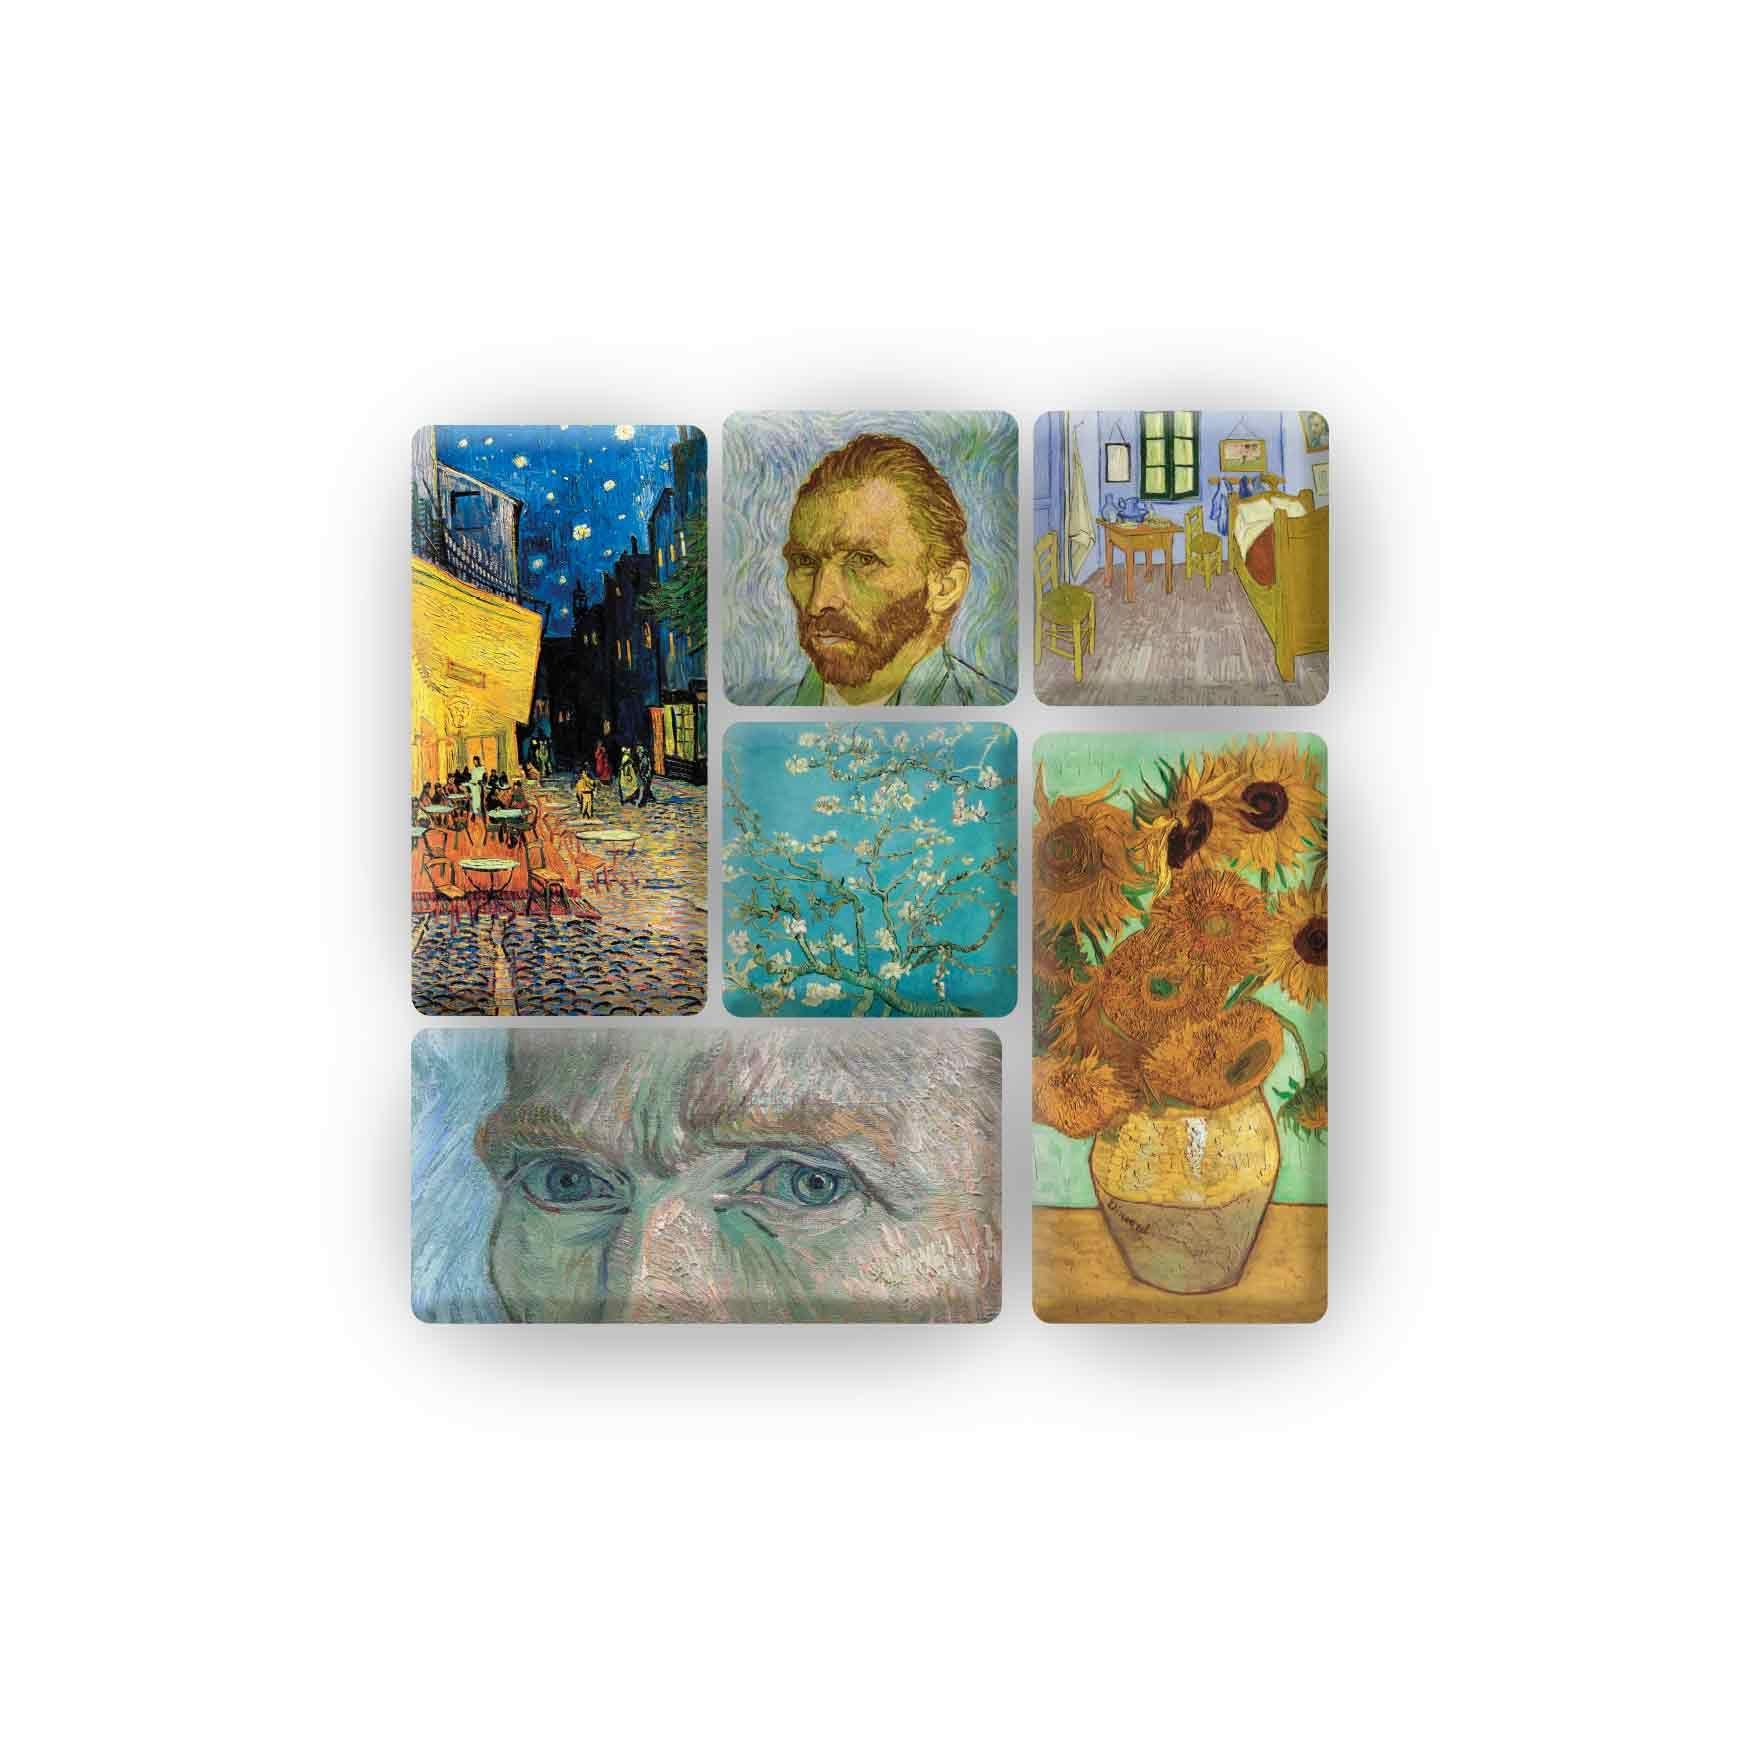 Vincent Van Gogh Magnet Set With Different Art Works Set Imanes Con Distintas Obras Kessler Museum Merchandising Kessler Imanes Vincent Van Gogh Van Gogh